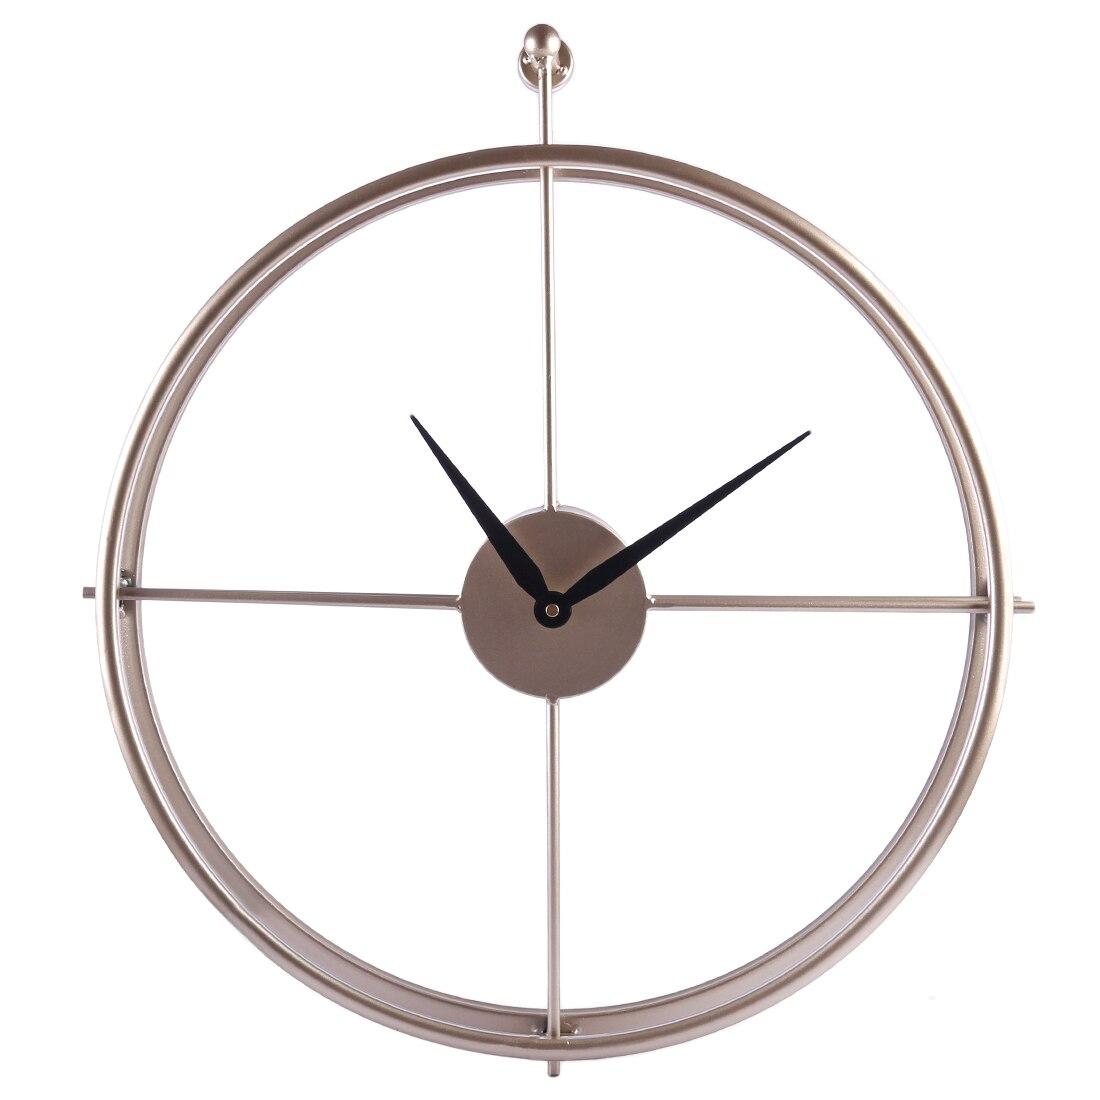 Caliente único 55 cm gran breve estilo europeo silencio de reloj de pared de diseño moderno de la Oficina para el hogar Decoración colgante de pared reloj relojes